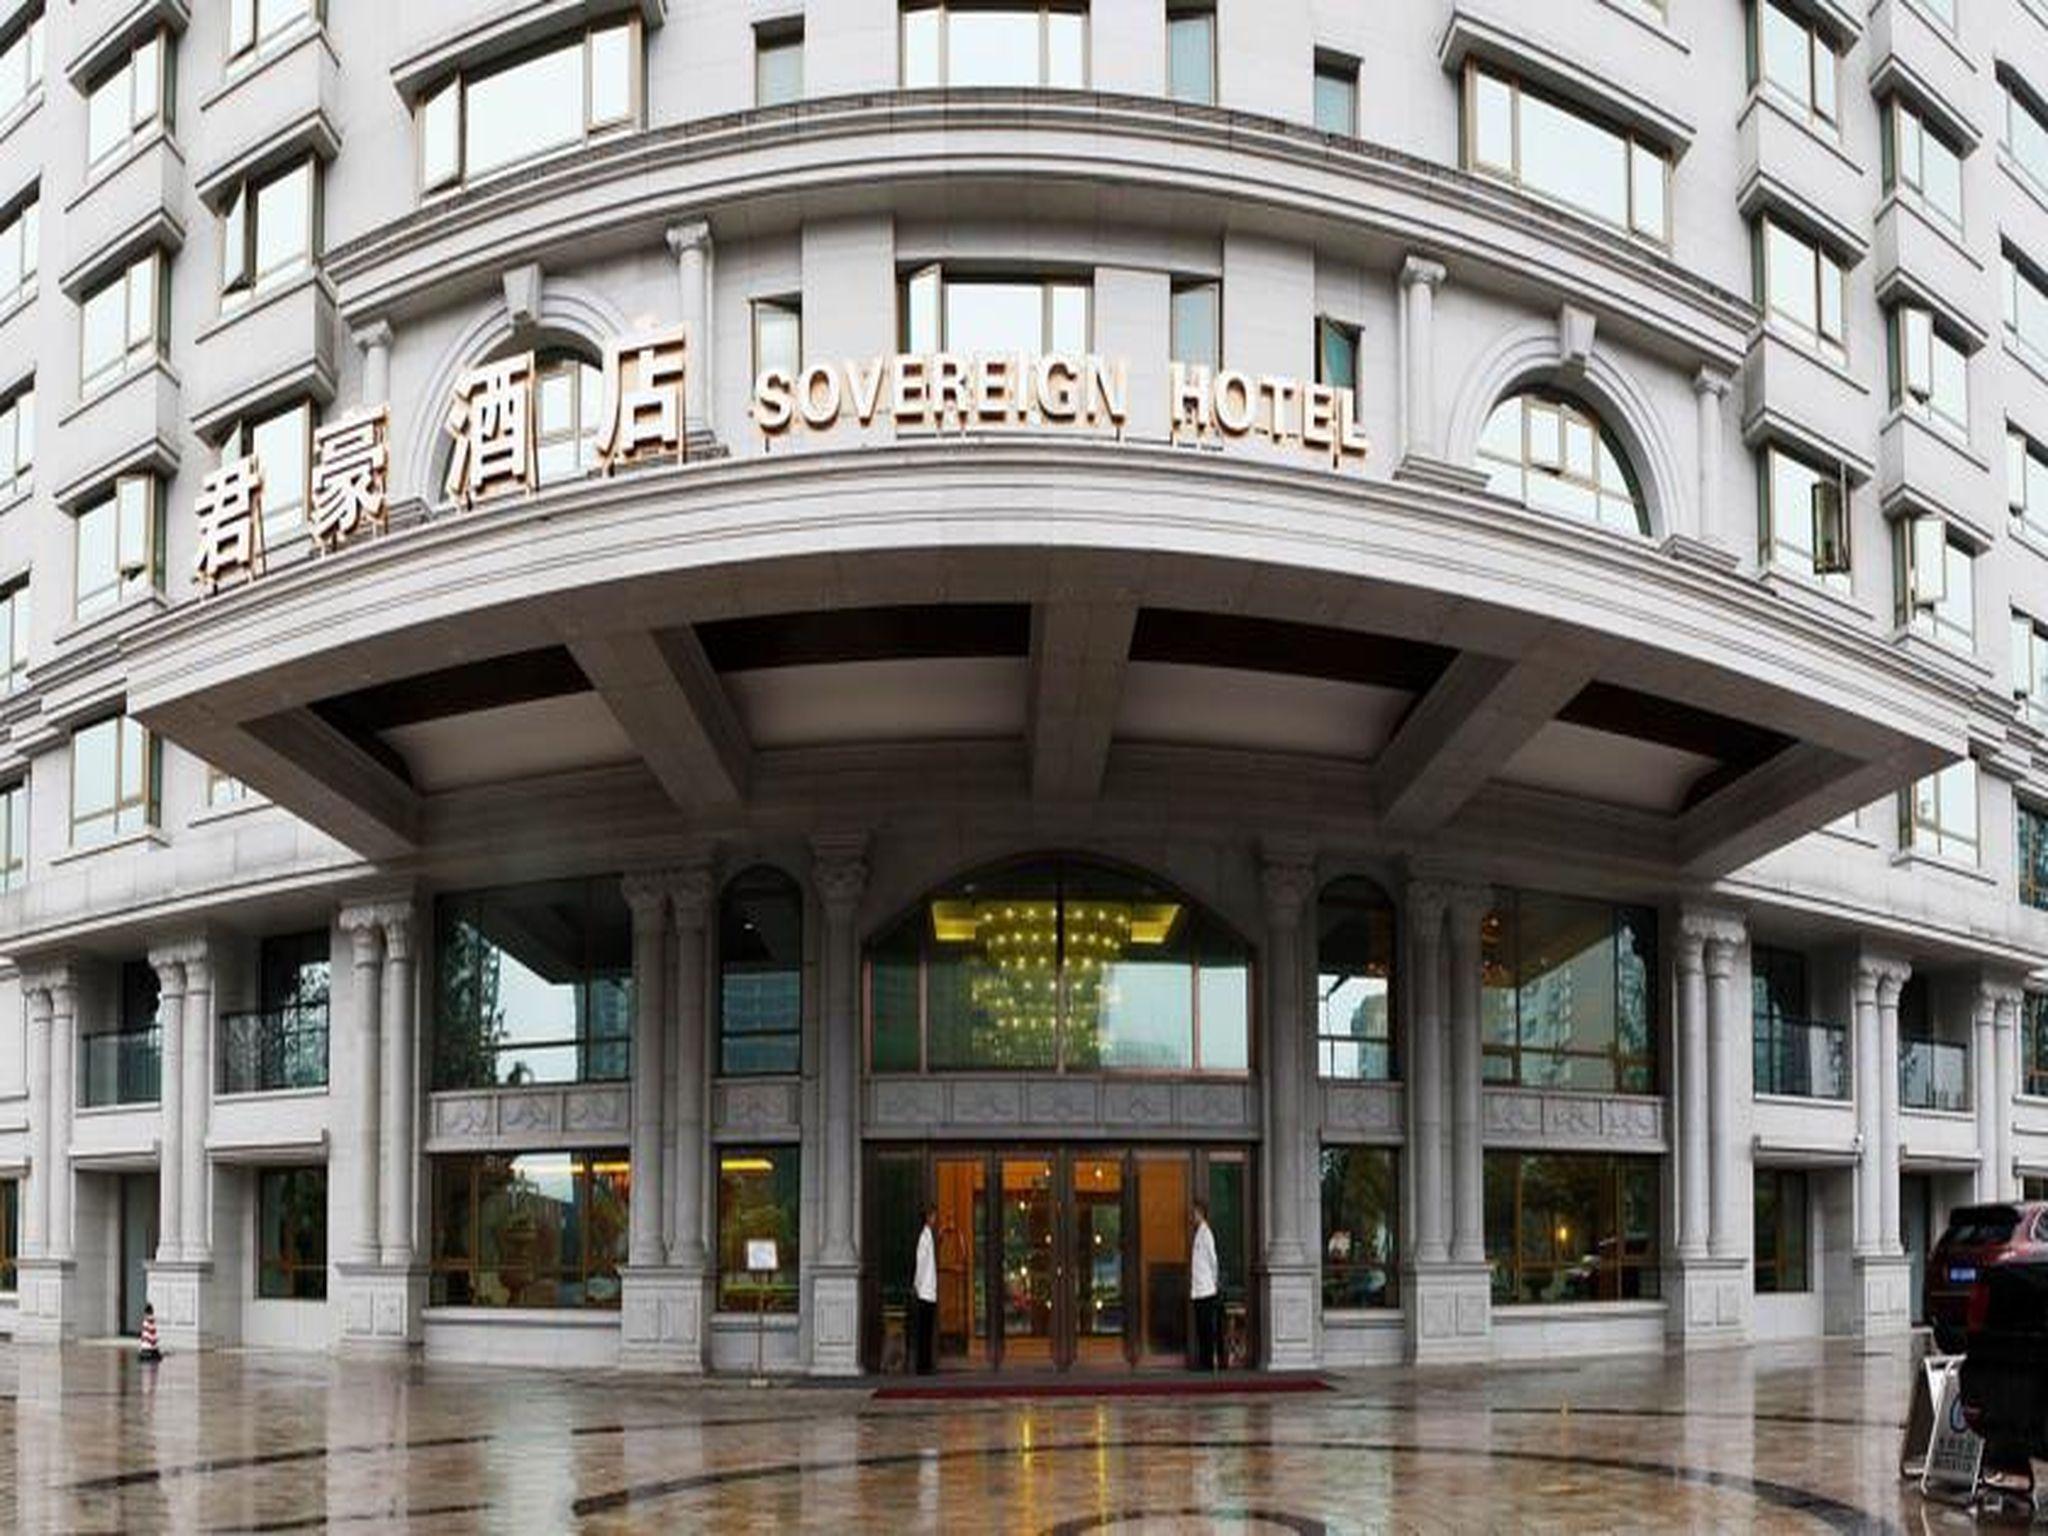 Chengdu Sovereign Hotel